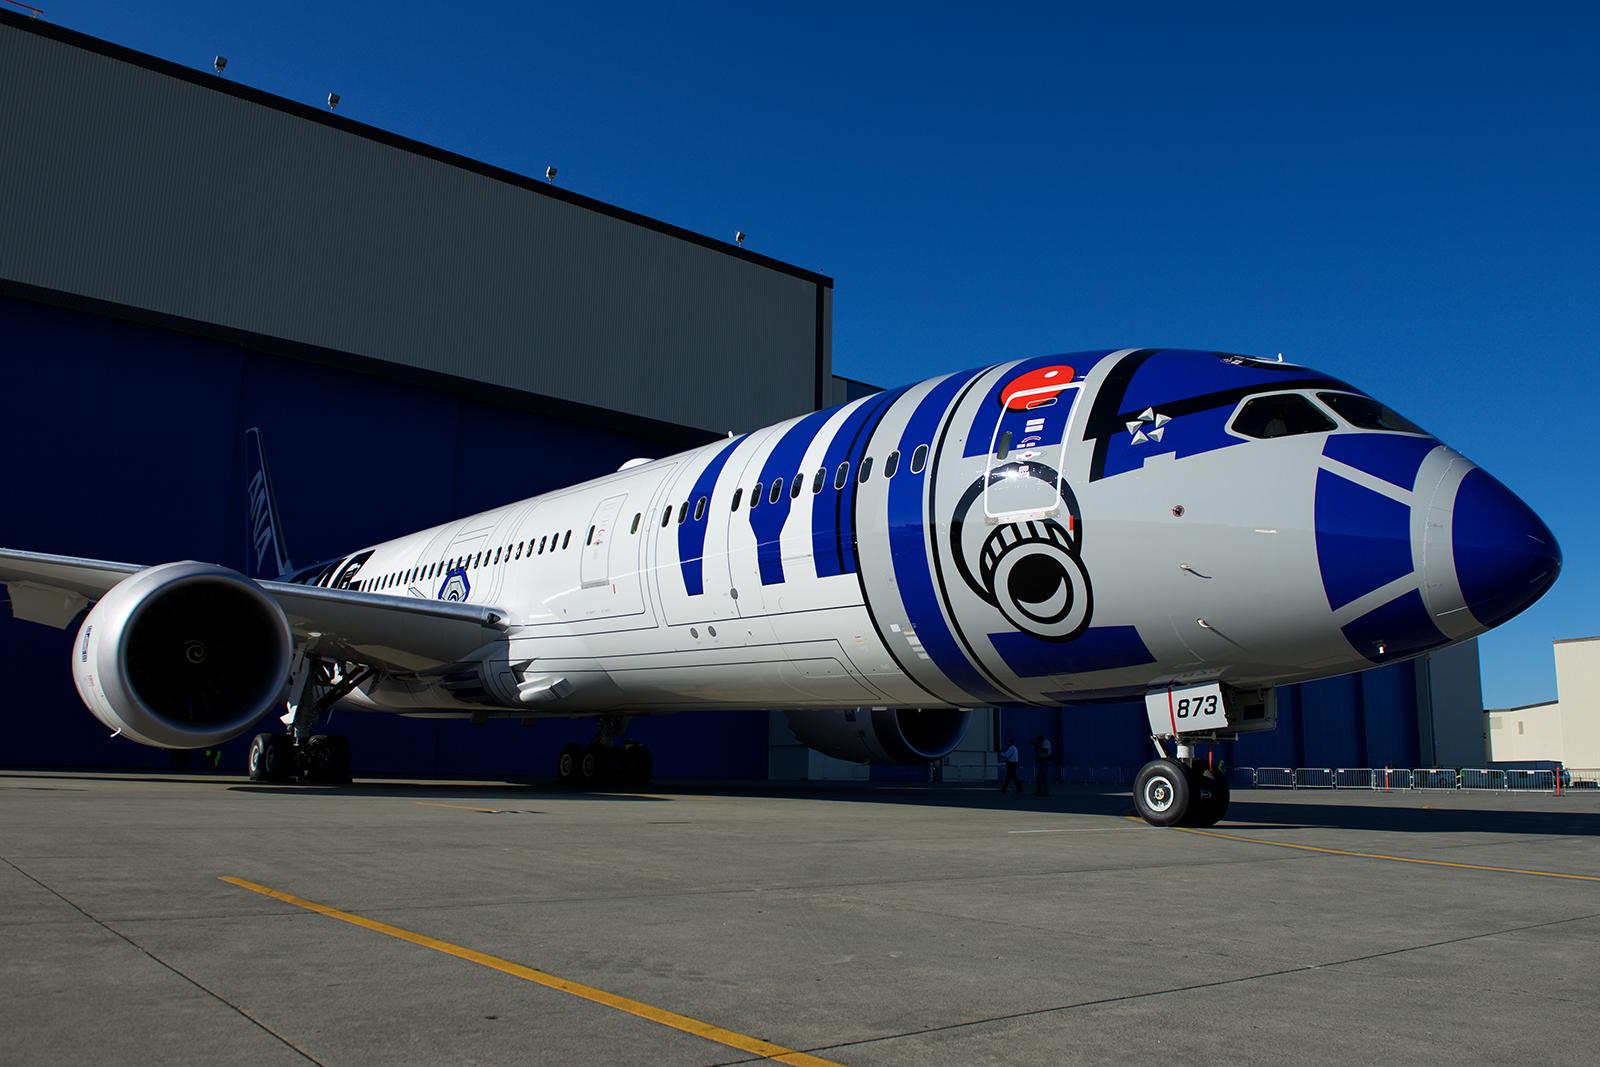 Japan's All Nippon Airways - Star Wars